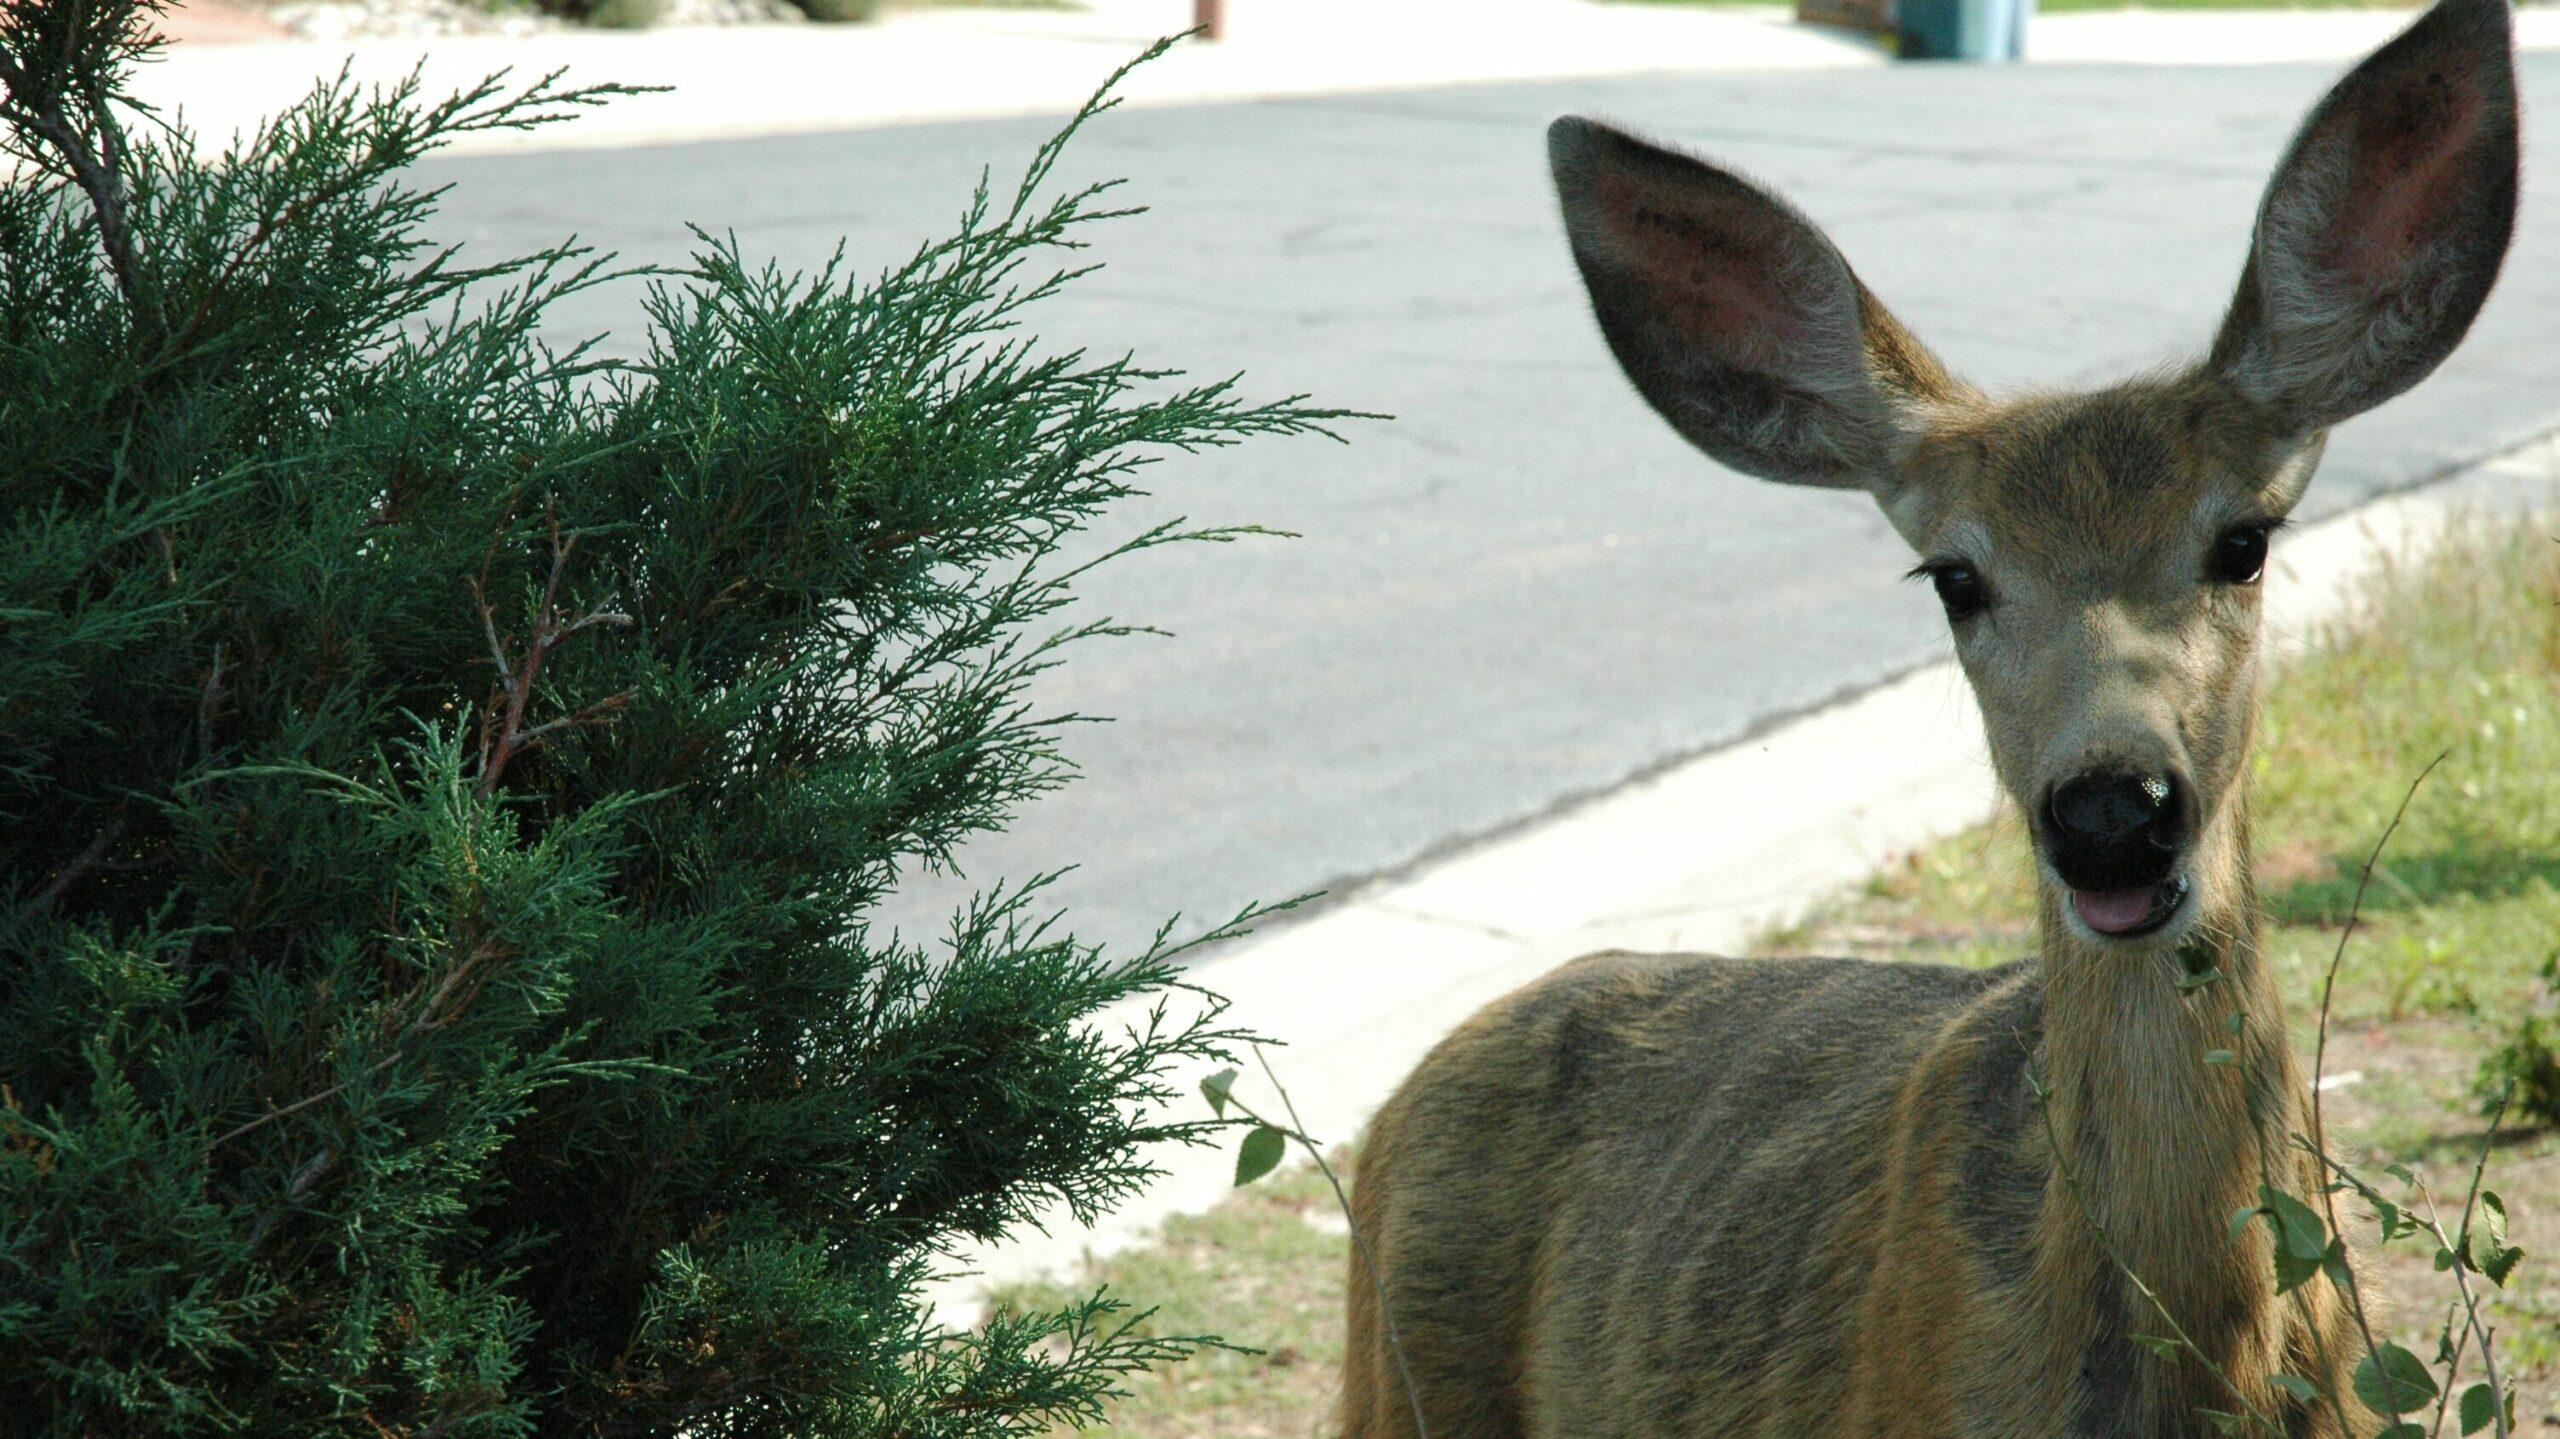 Confused look on the deer.